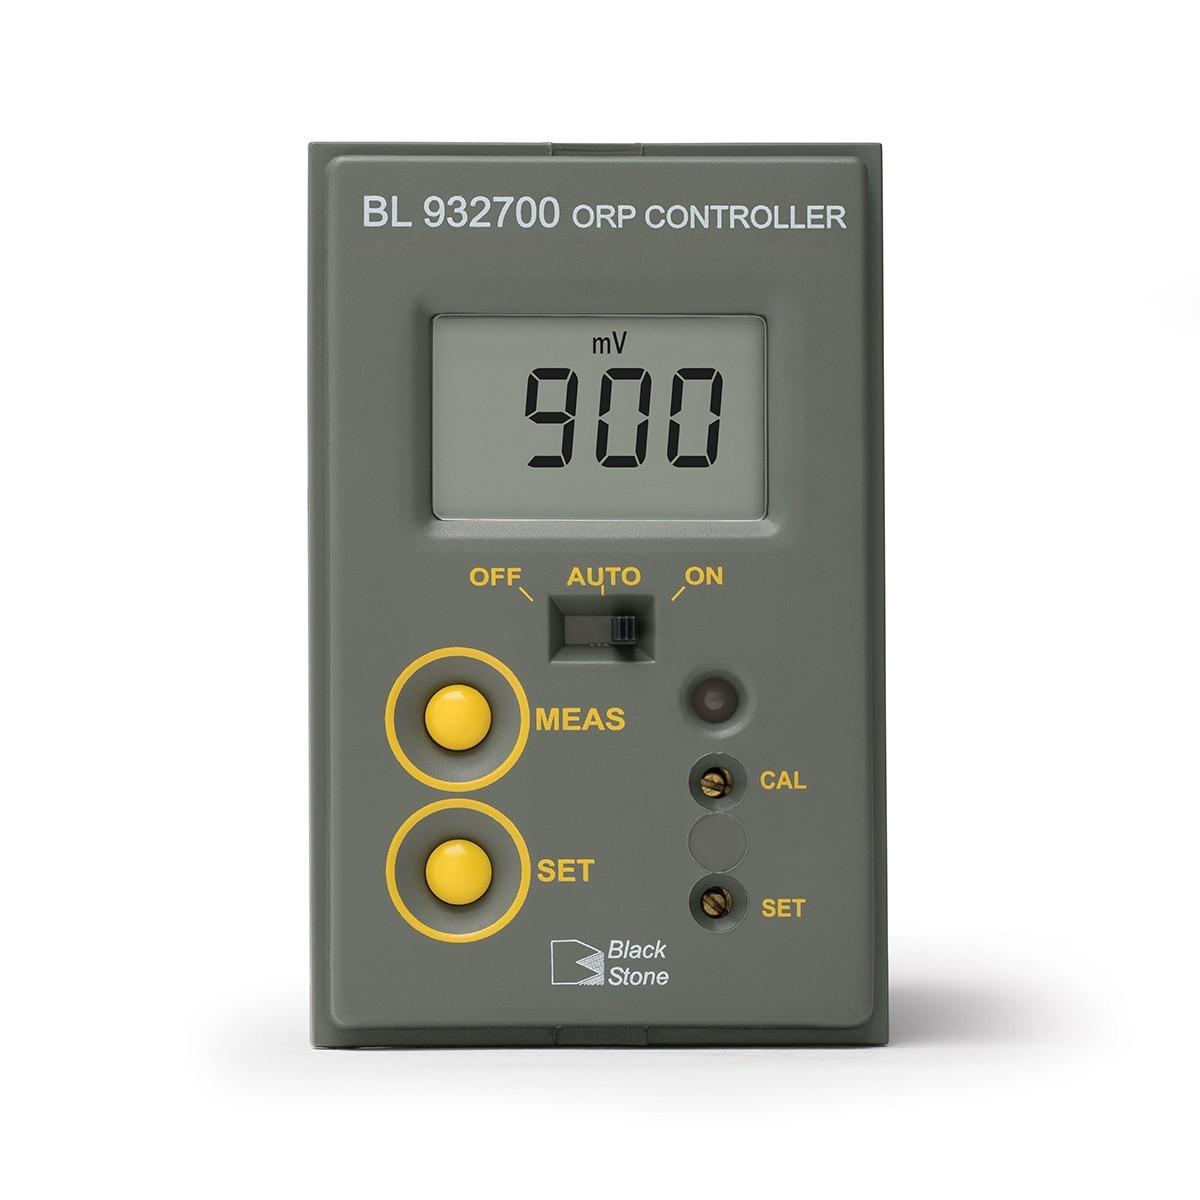 Bộ kiểm soát Mini ORP có ngõ ra 4-20mA BL932700 Hanna